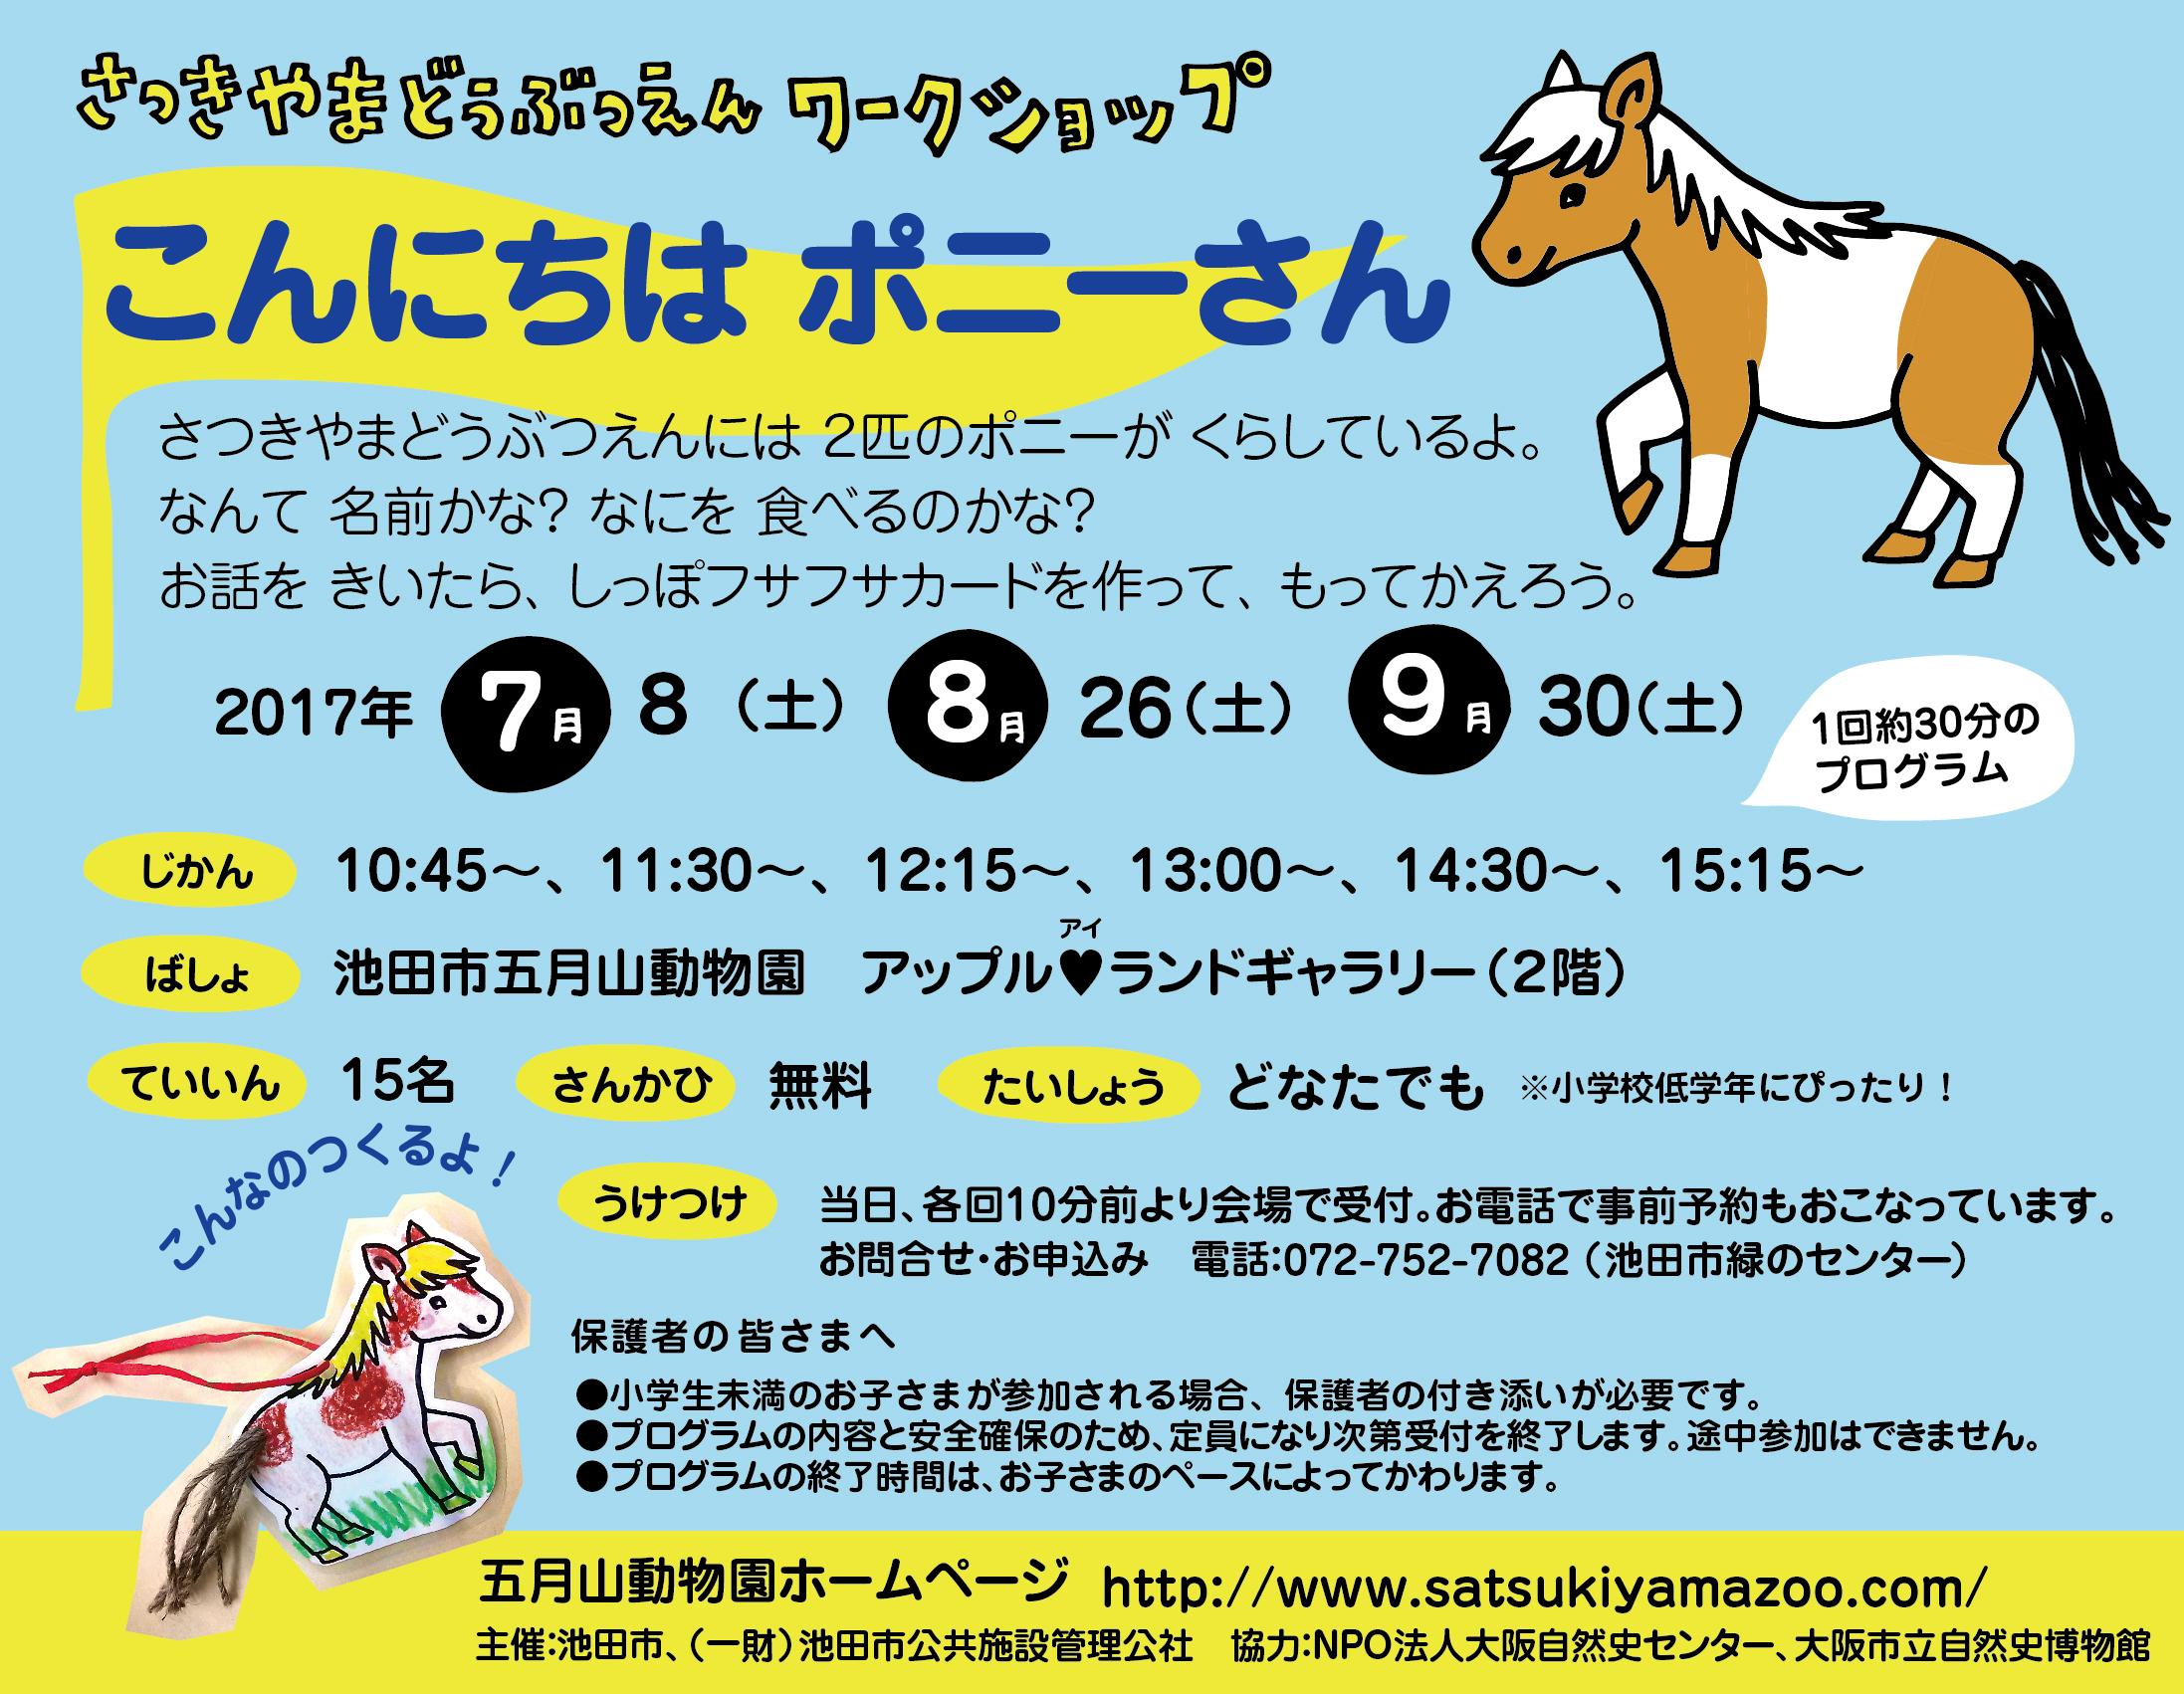 五月山動物園WSチラシ2017-7-9ポニー-02.jpg